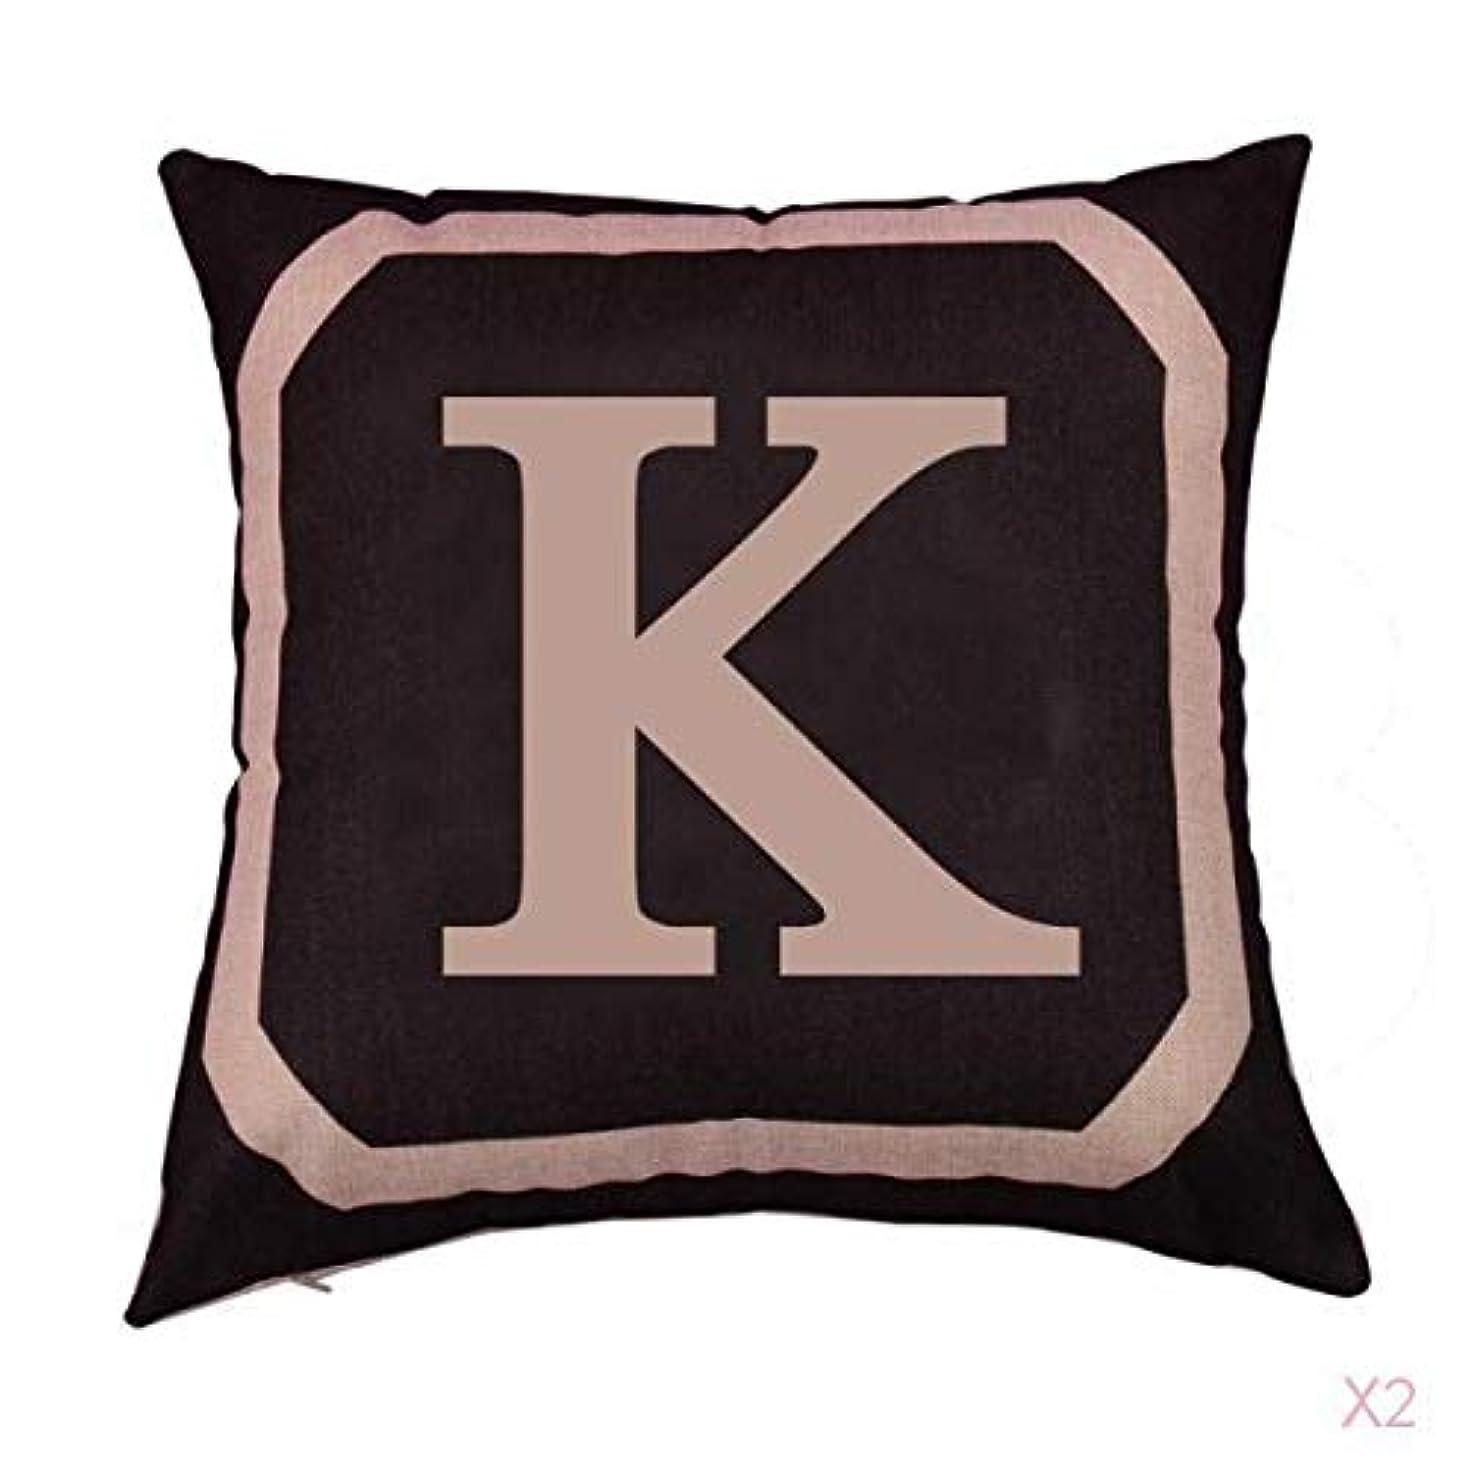 割り当てますパック違法正方形の綿のリネンスローピローケース腰クッションカバーベッドソファ装飾kを